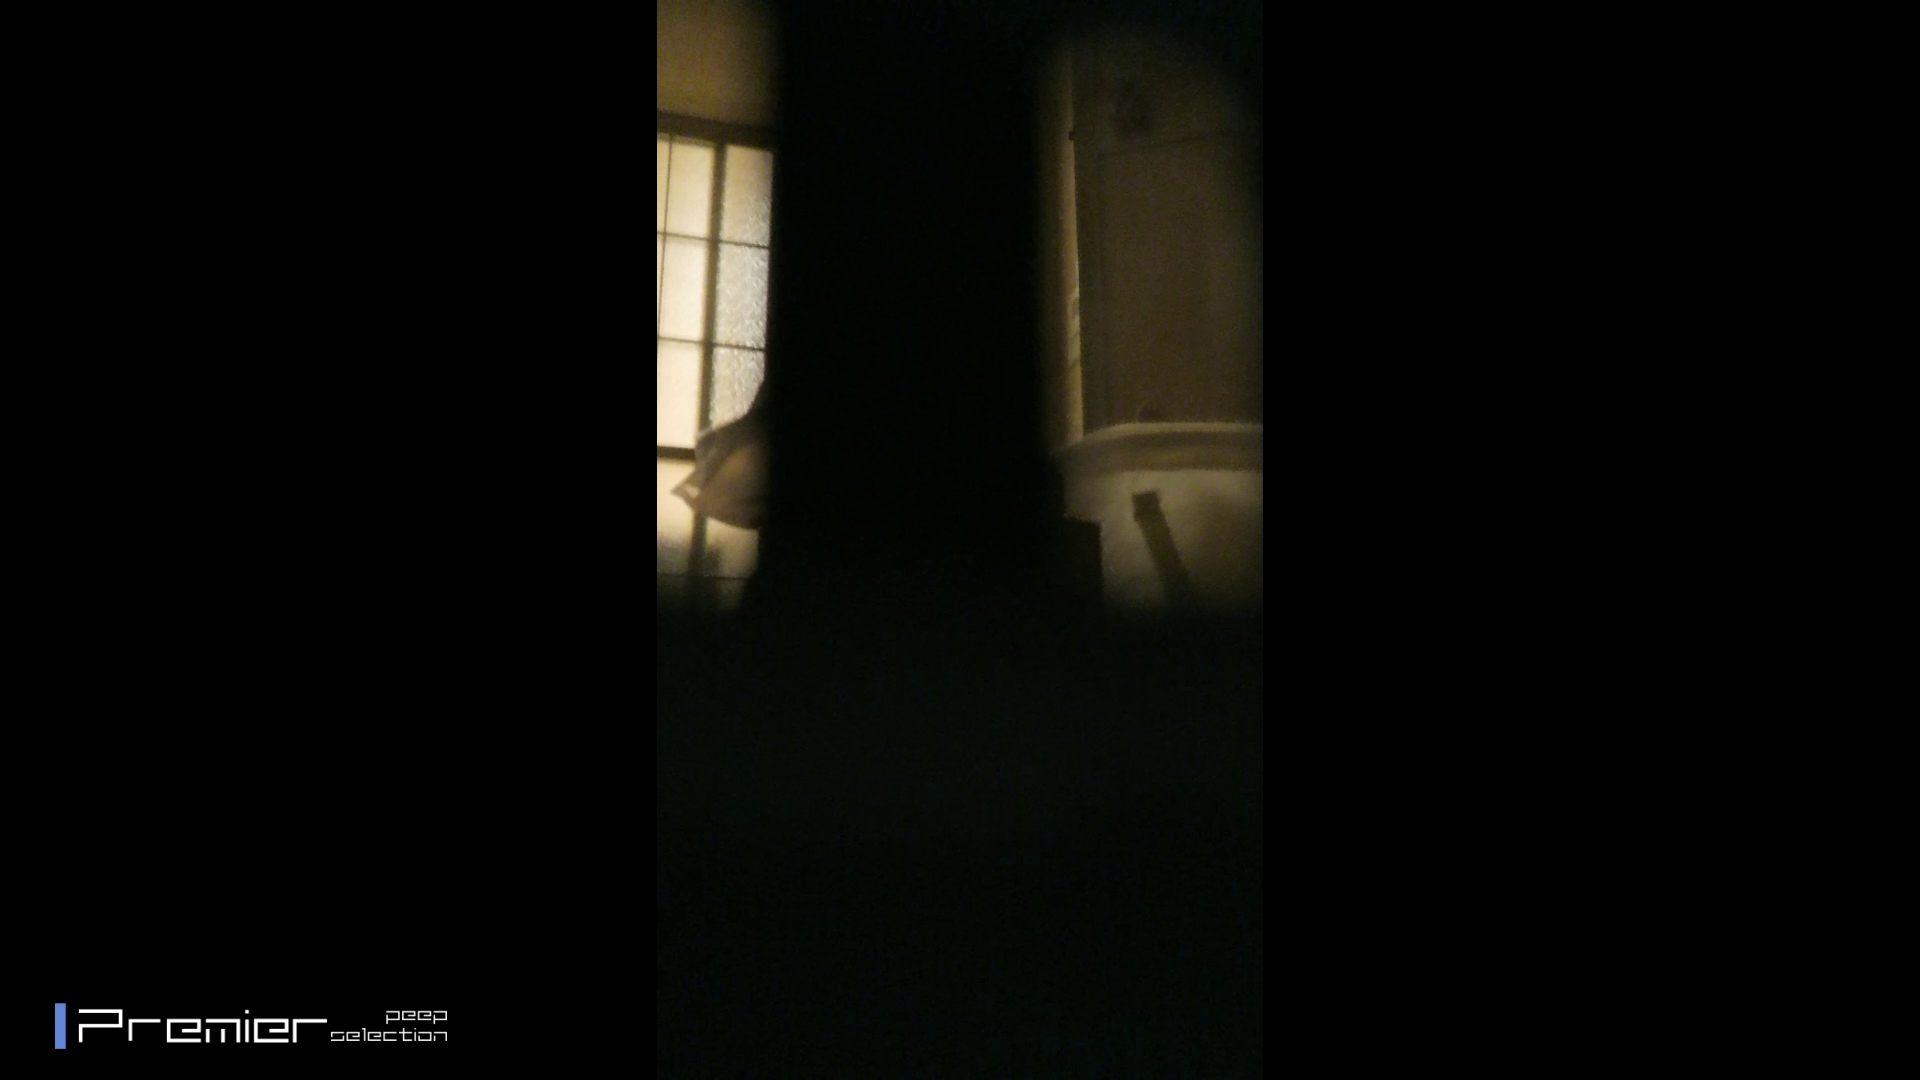 美女達の私生活に潜入!一人暮らし女子大生が見せる入浴前の恥ずかしい姿 高画質 盗撮ヌード画像 23pic 8